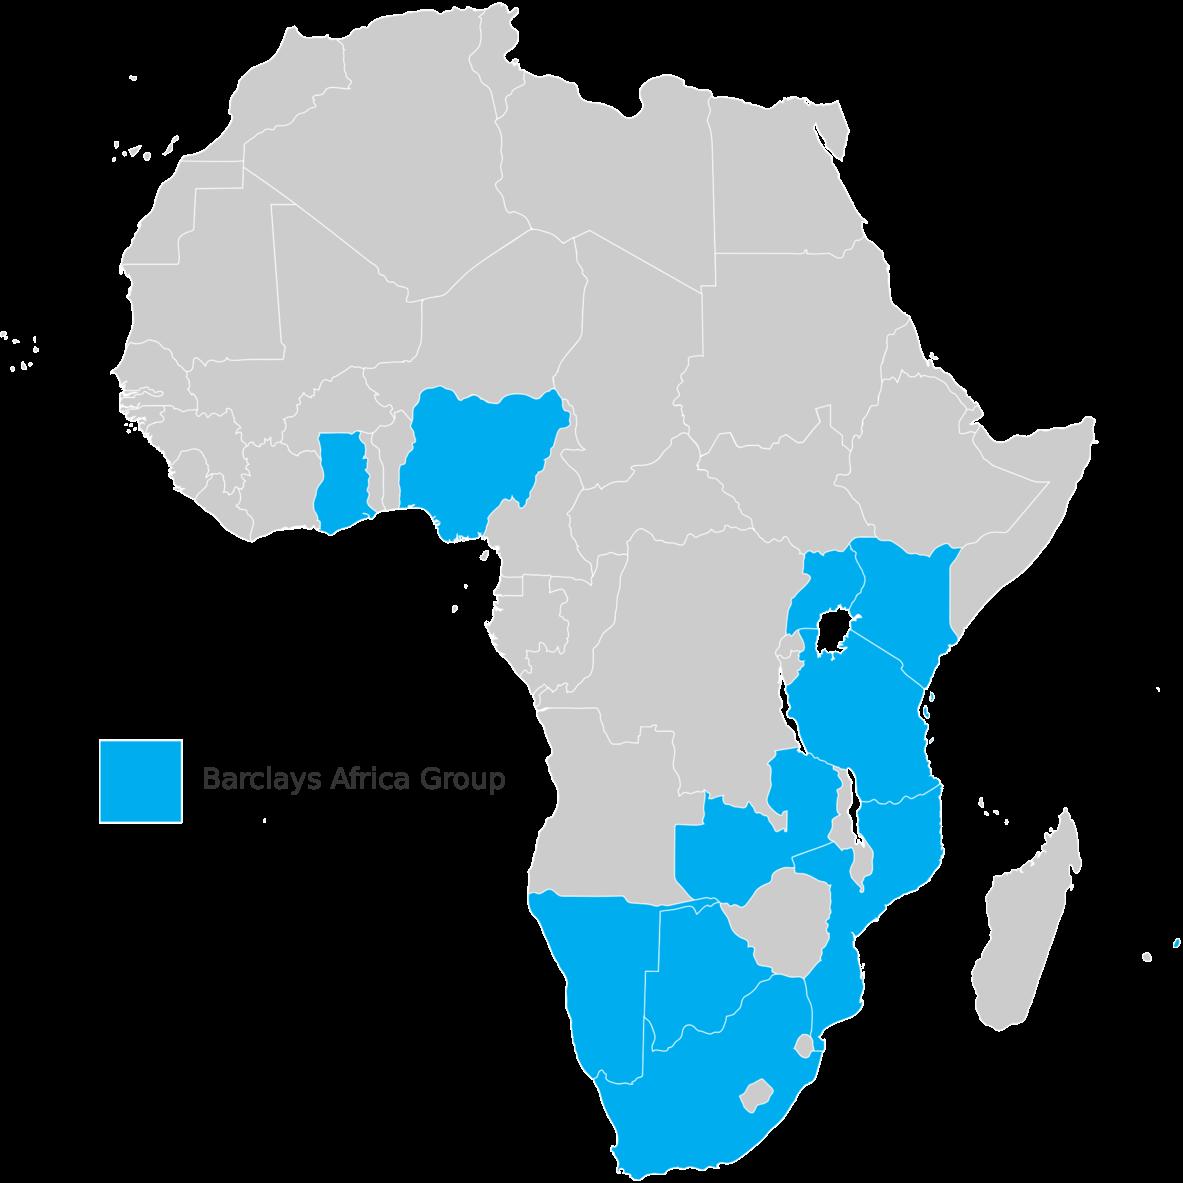 Barclays' Africa presence. Rasagy, CC BY-SA